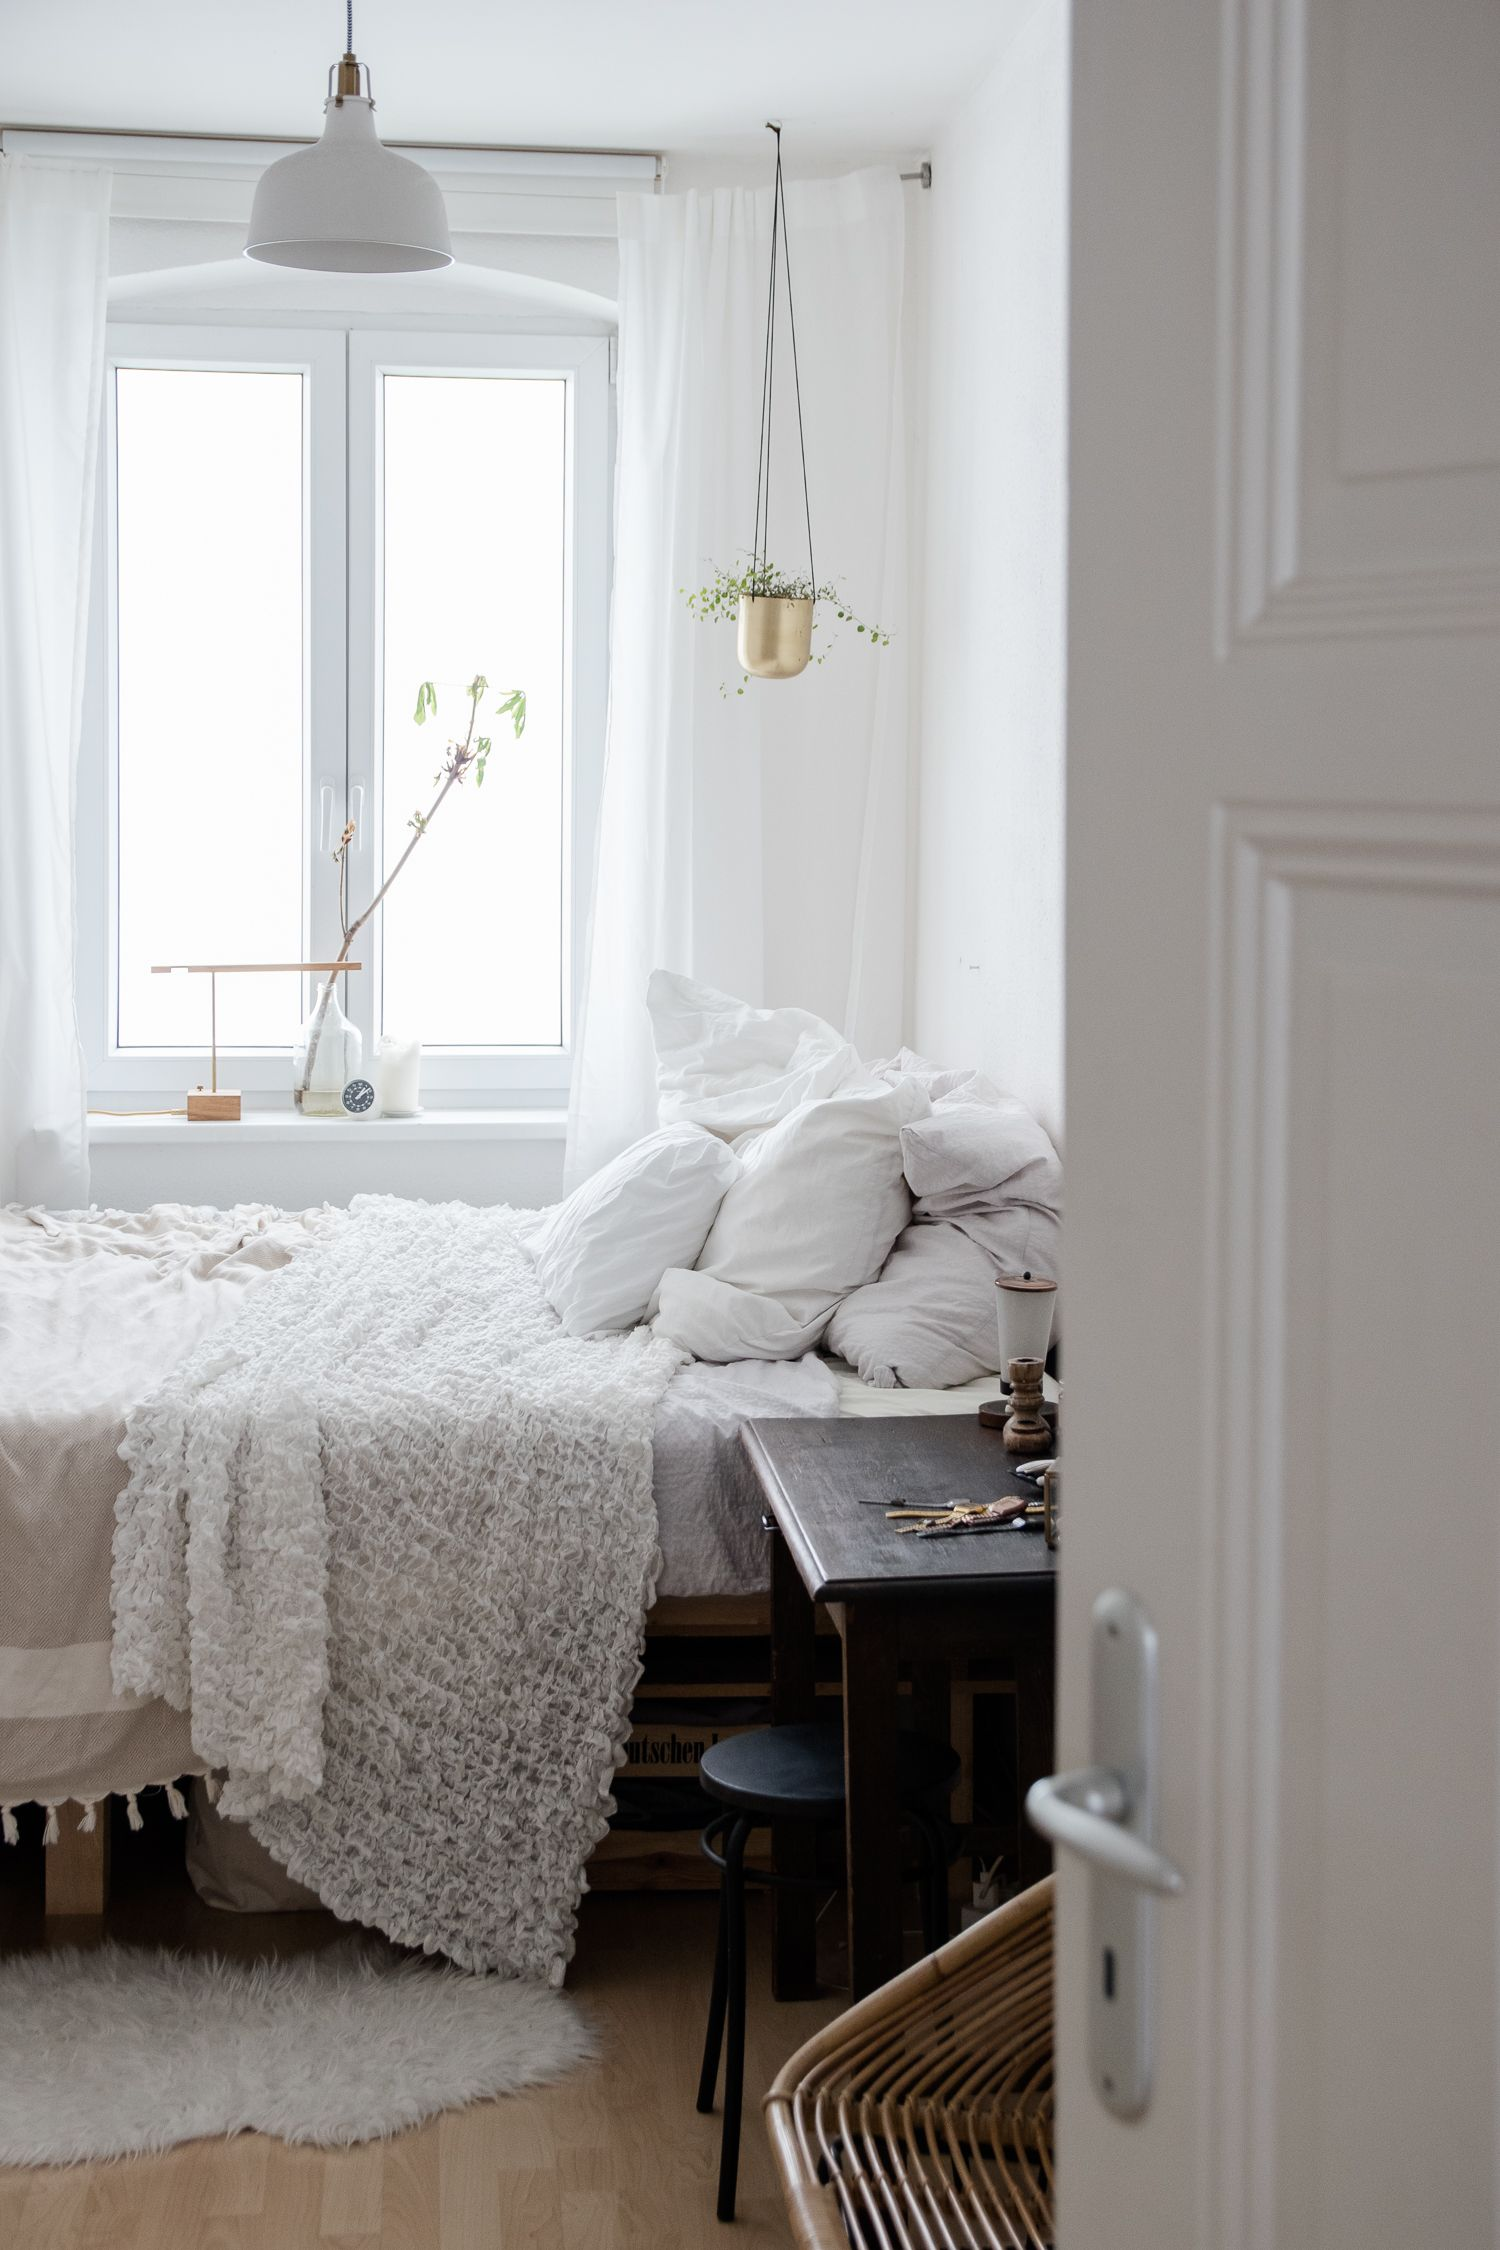 Wohnen Mit Katzen Homestory Bei Claudetta Und Ihrer Katze Tigerlily Craftifair Wohnen Zimmer Einrichten Haus Interieurs